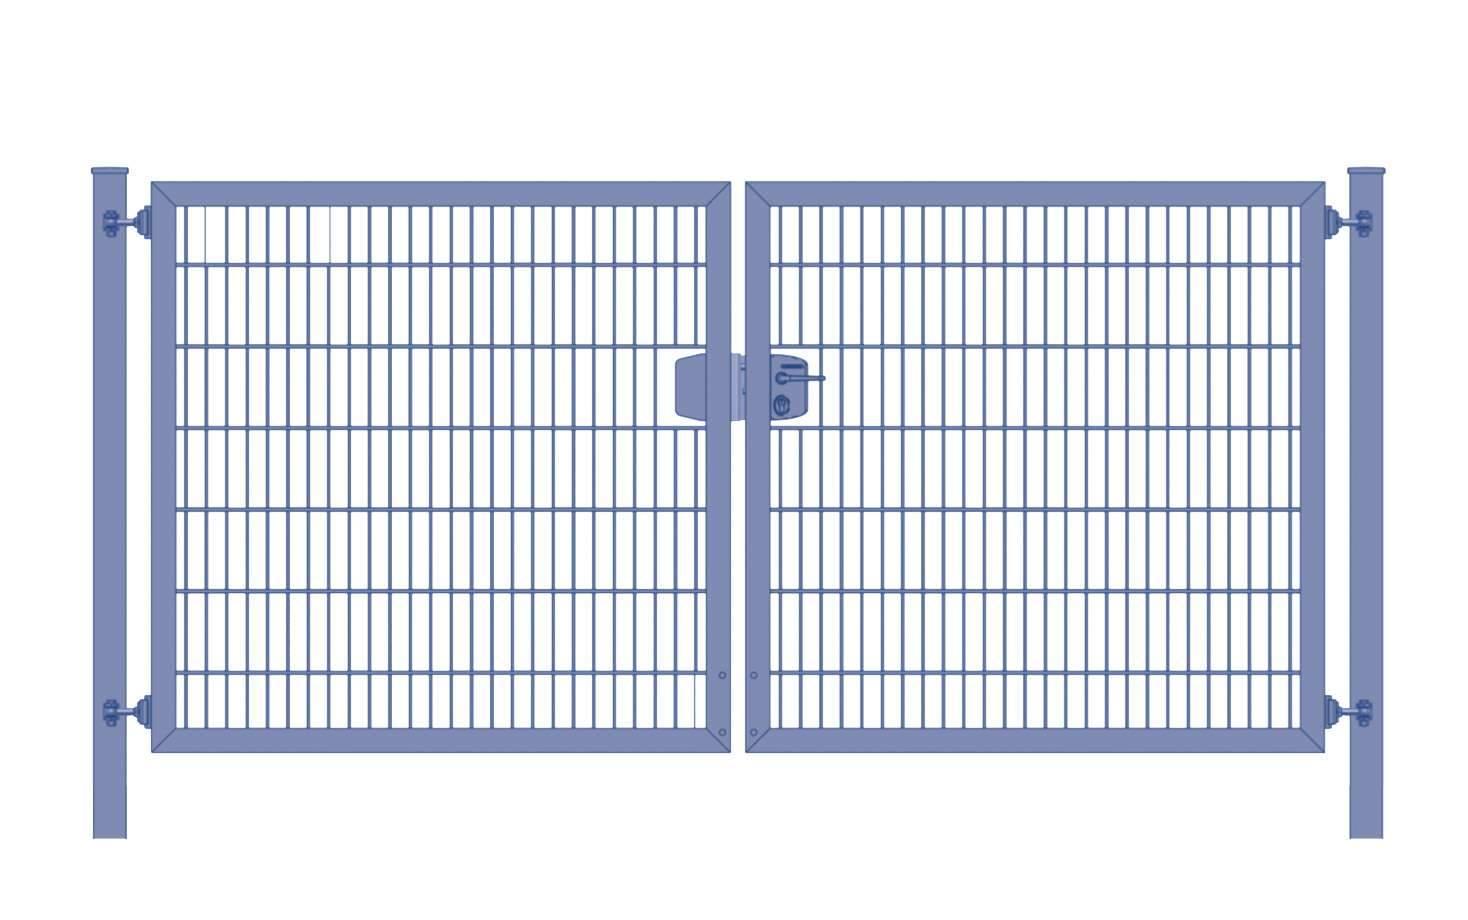 Einfahrtstor 2 fluegelig Anthrazit symmetrisch5c5552c484c27 1280x1280 2x